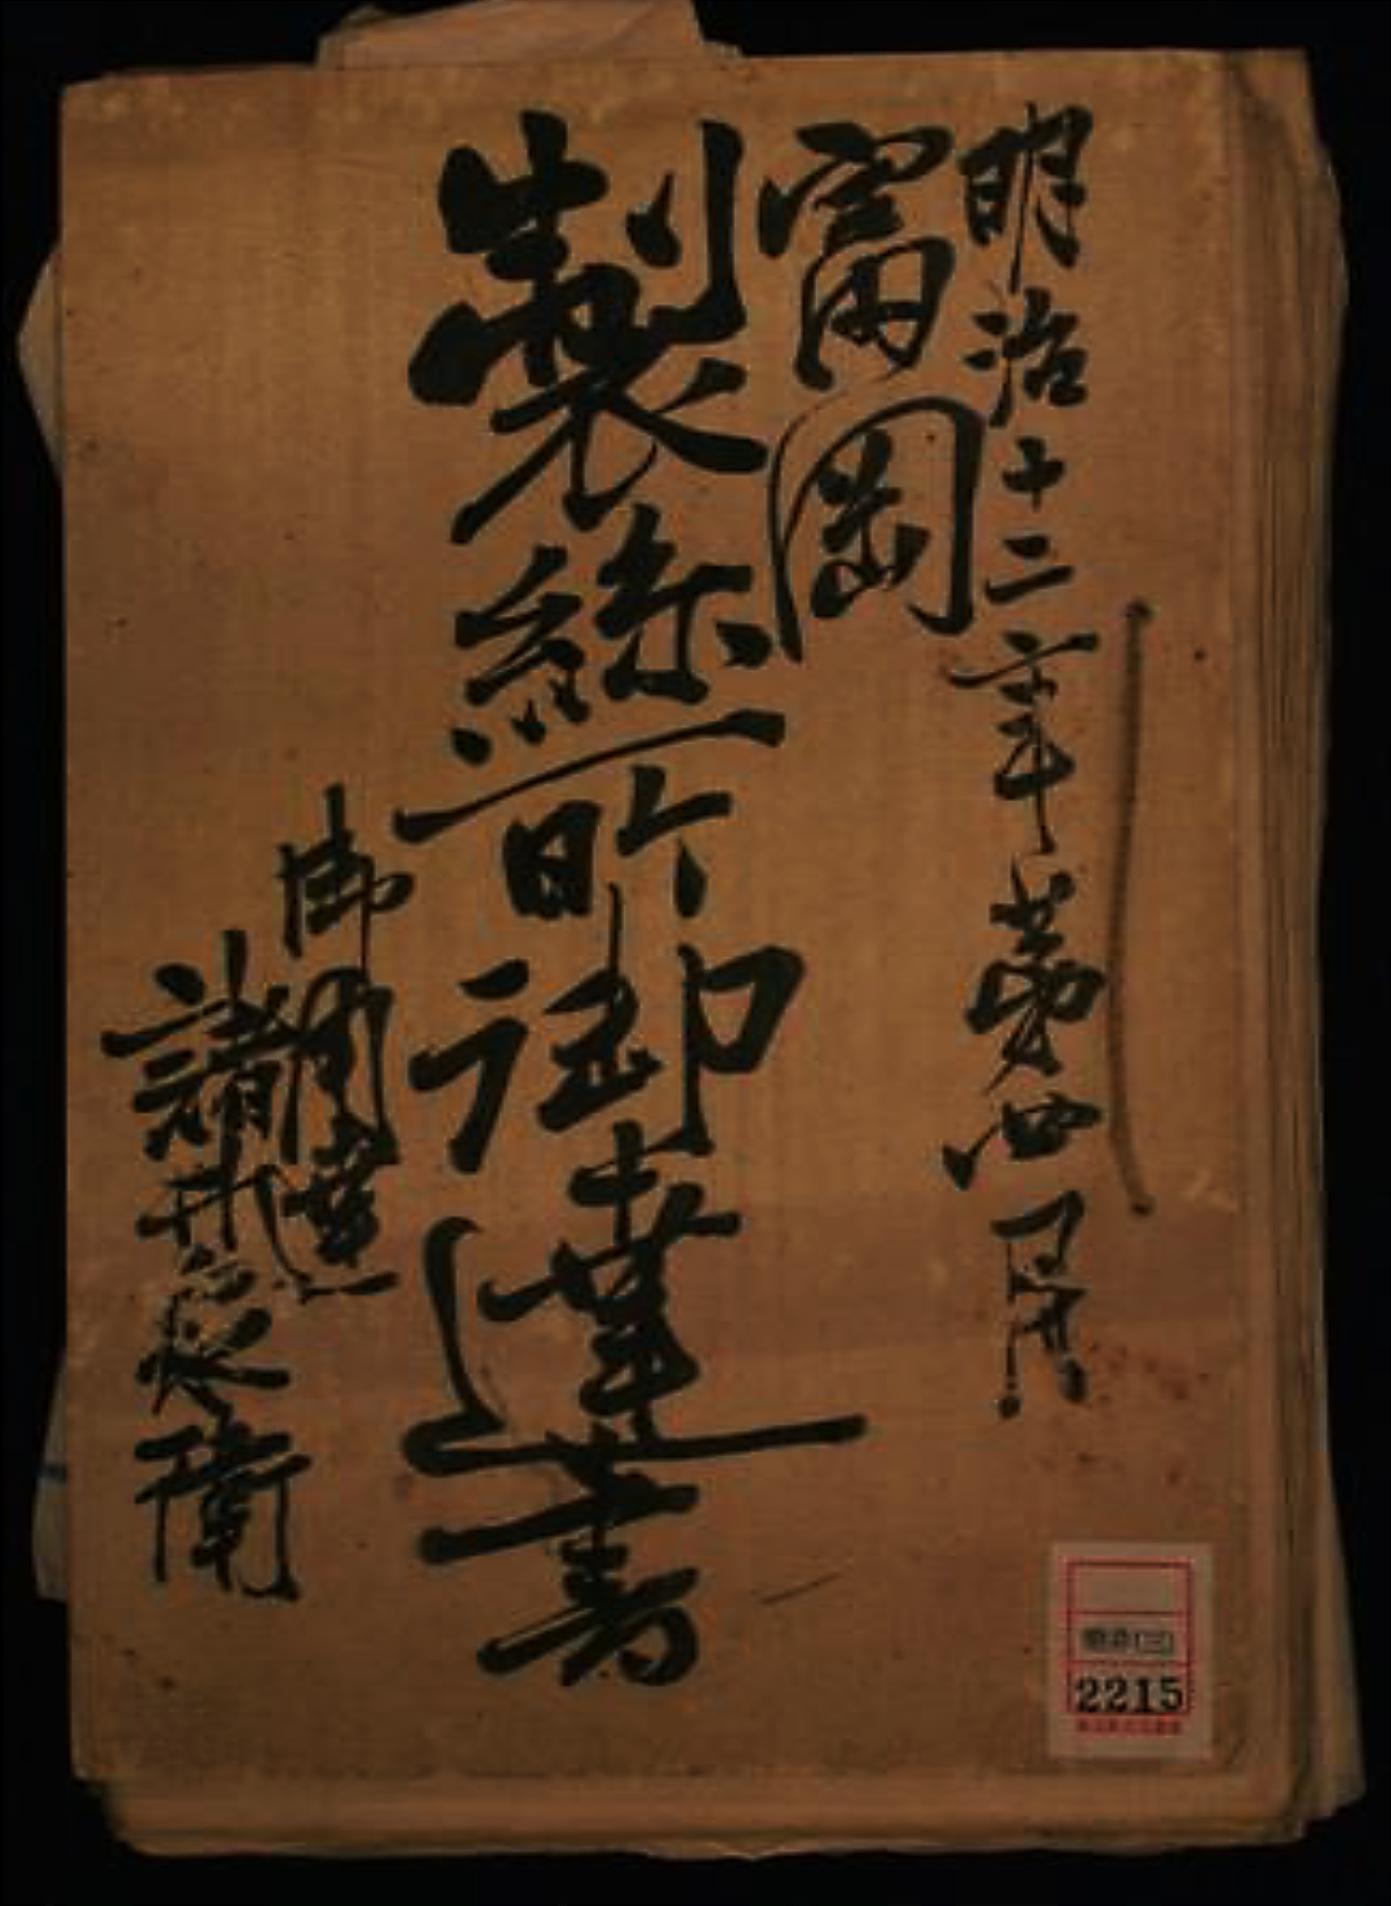 富岡製糸所御達書 明治12年(1879)  埼玉県立文書館所蔵